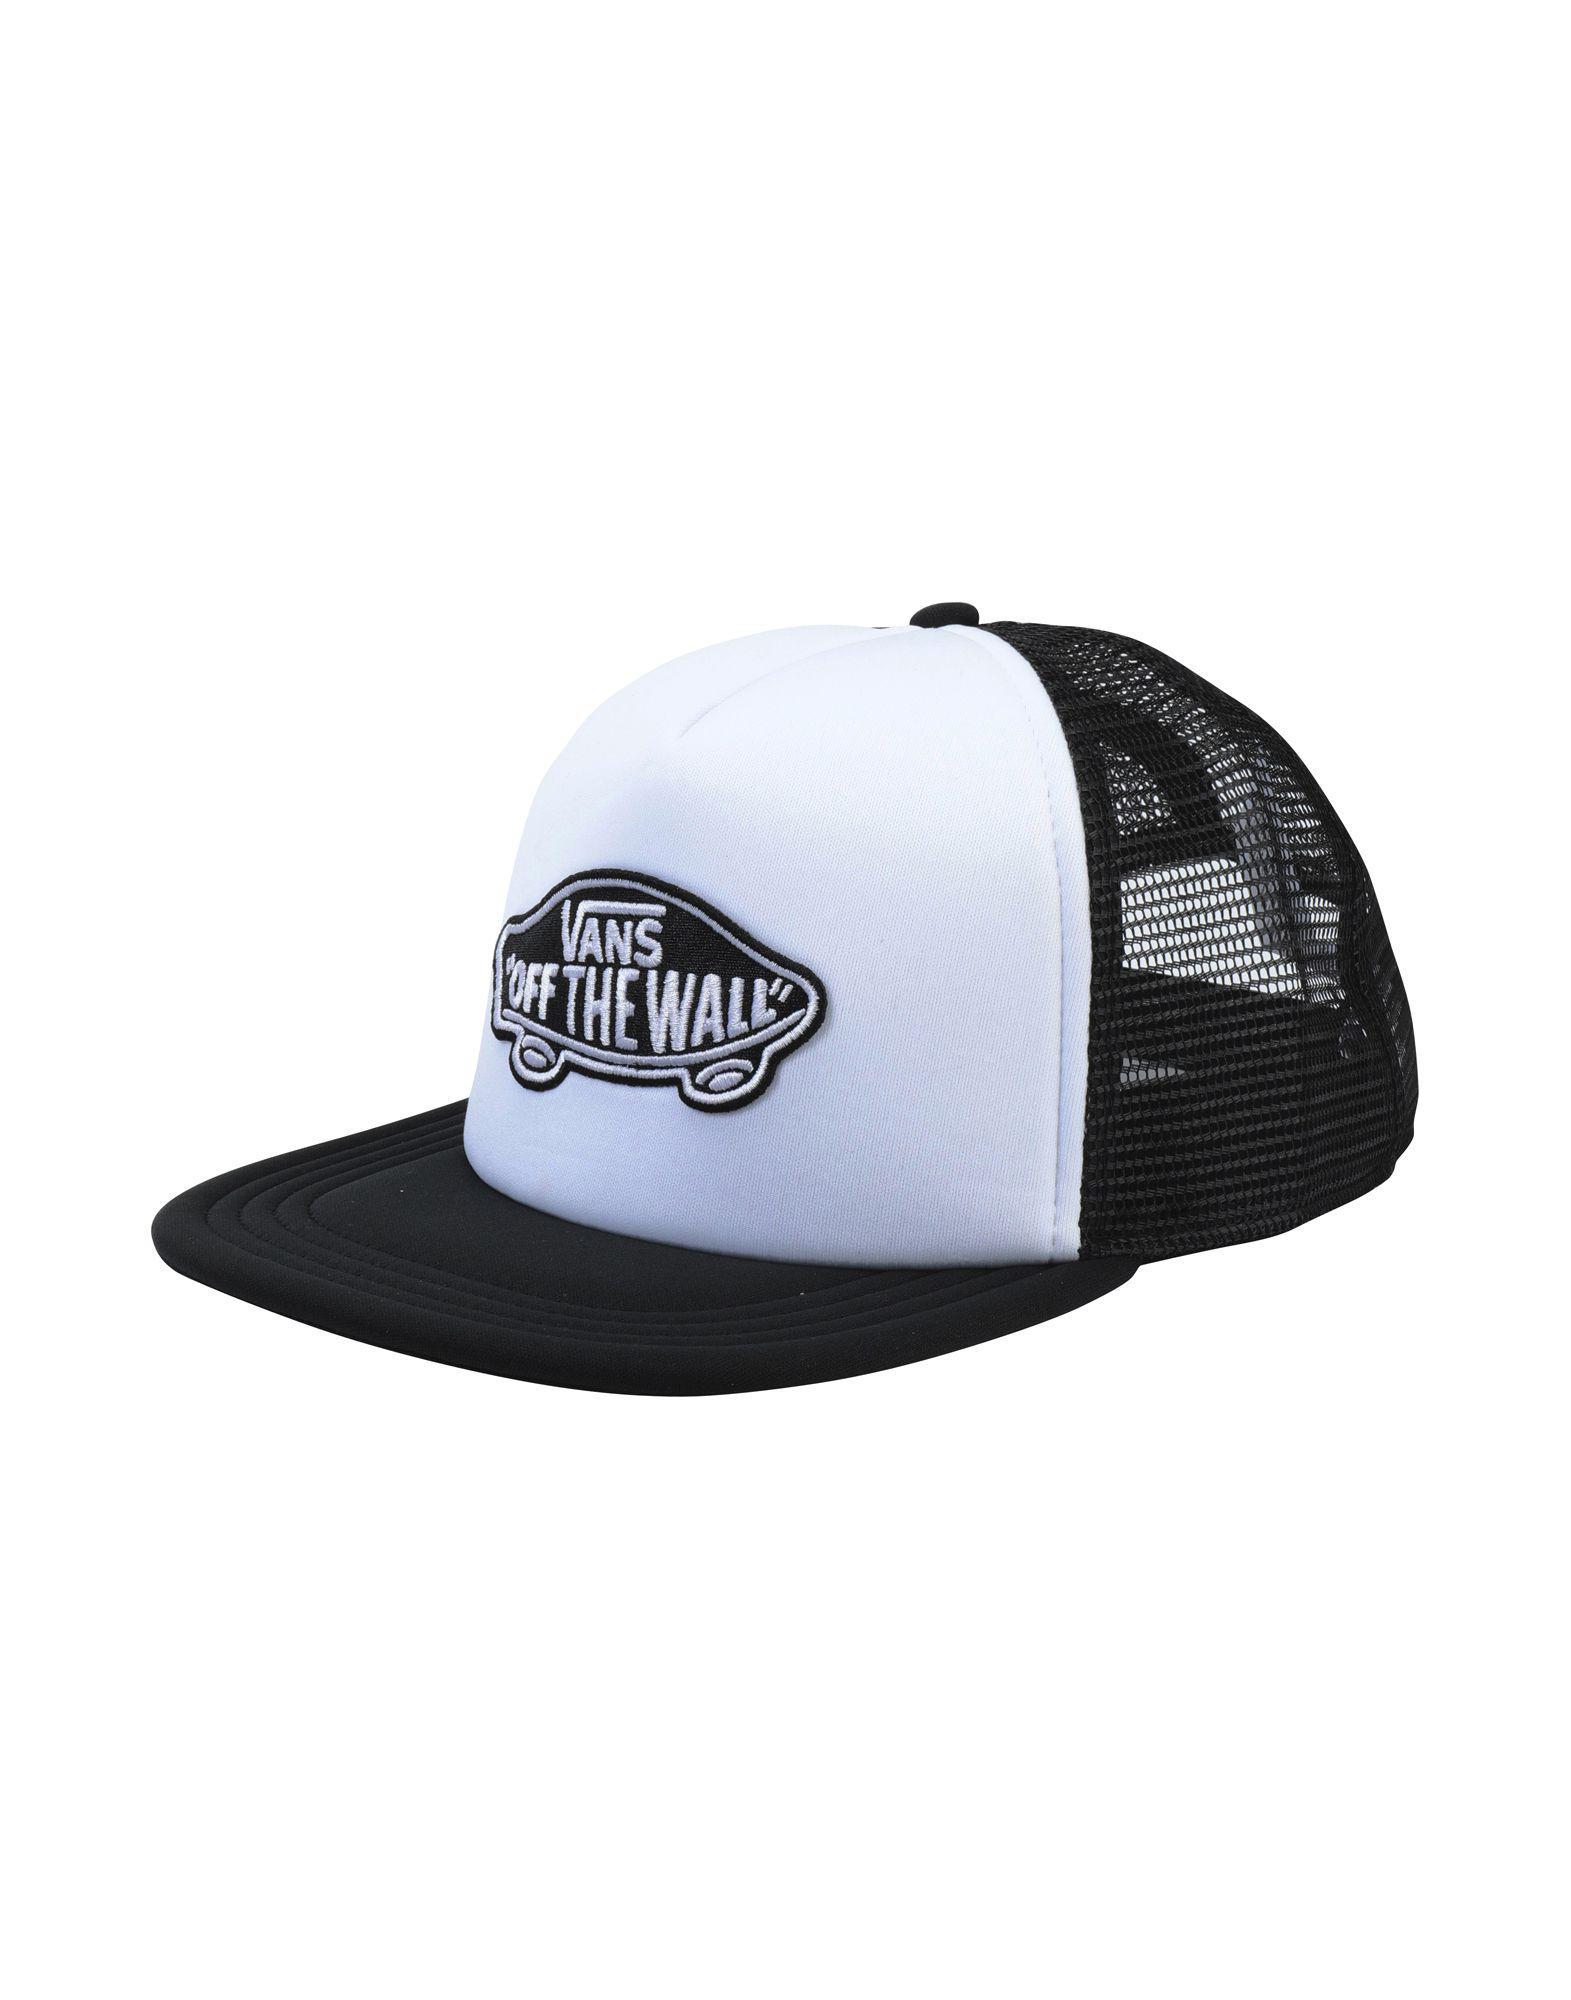 511d7771388 Lyst - Vans Hat in White